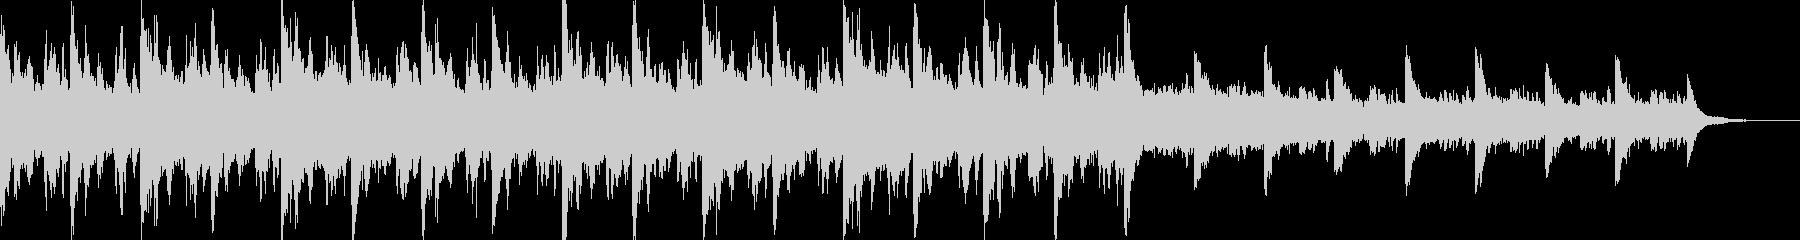 企業VP・感動的オーケストラエンディングの未再生の波形